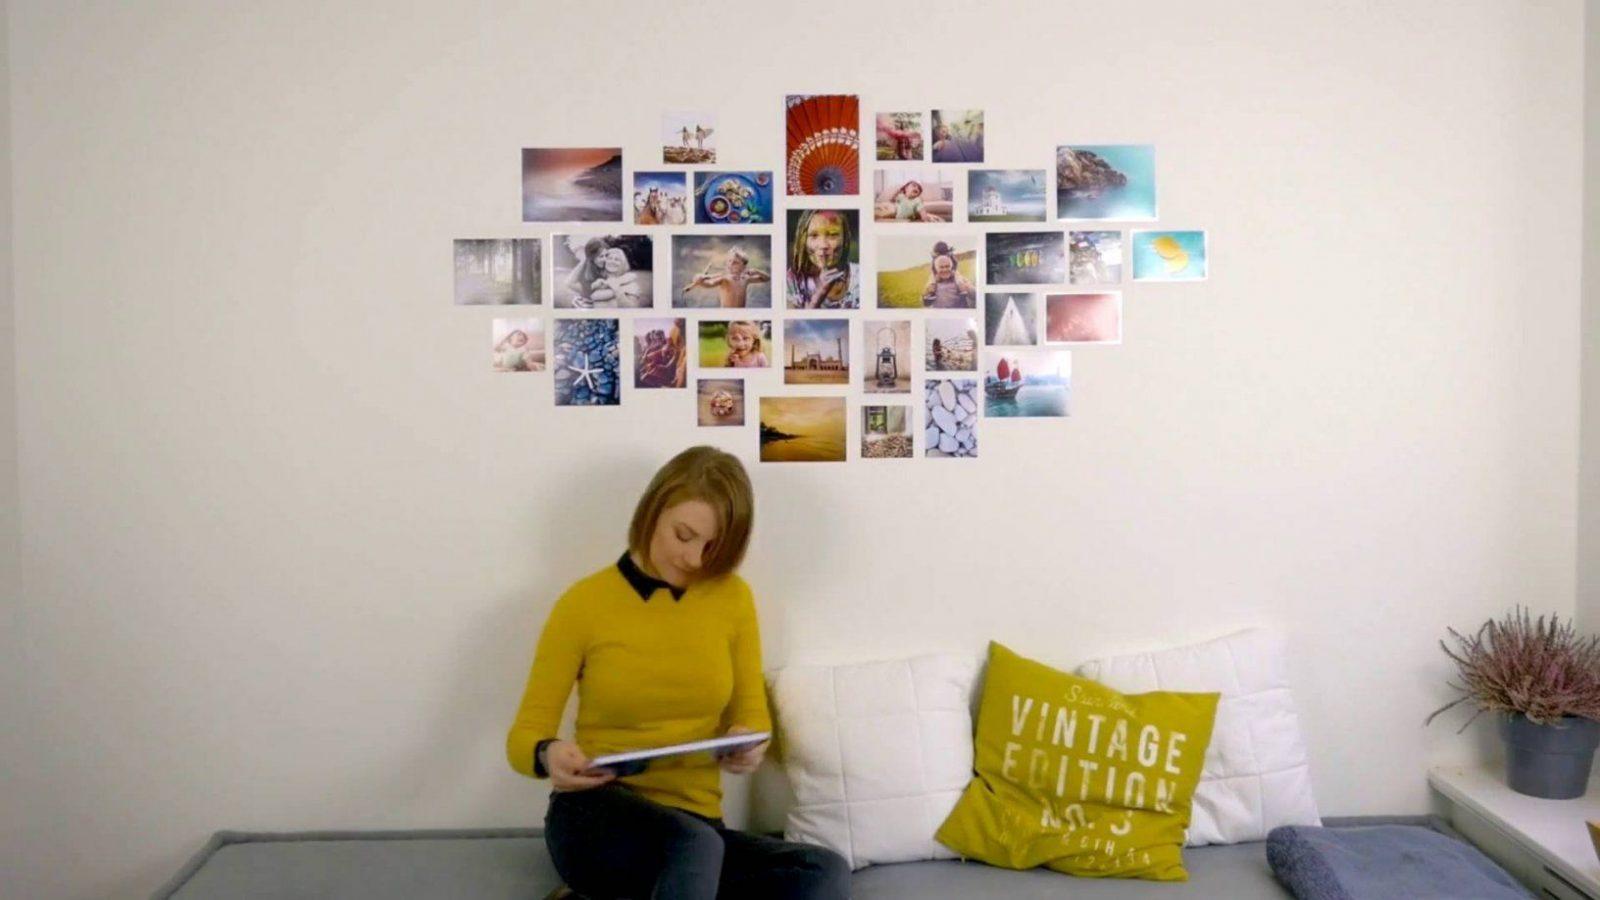 Fotocollage Für Die Wand Selber Machen  Youtube von Collage Auf Leinwand Selber Machen Bild